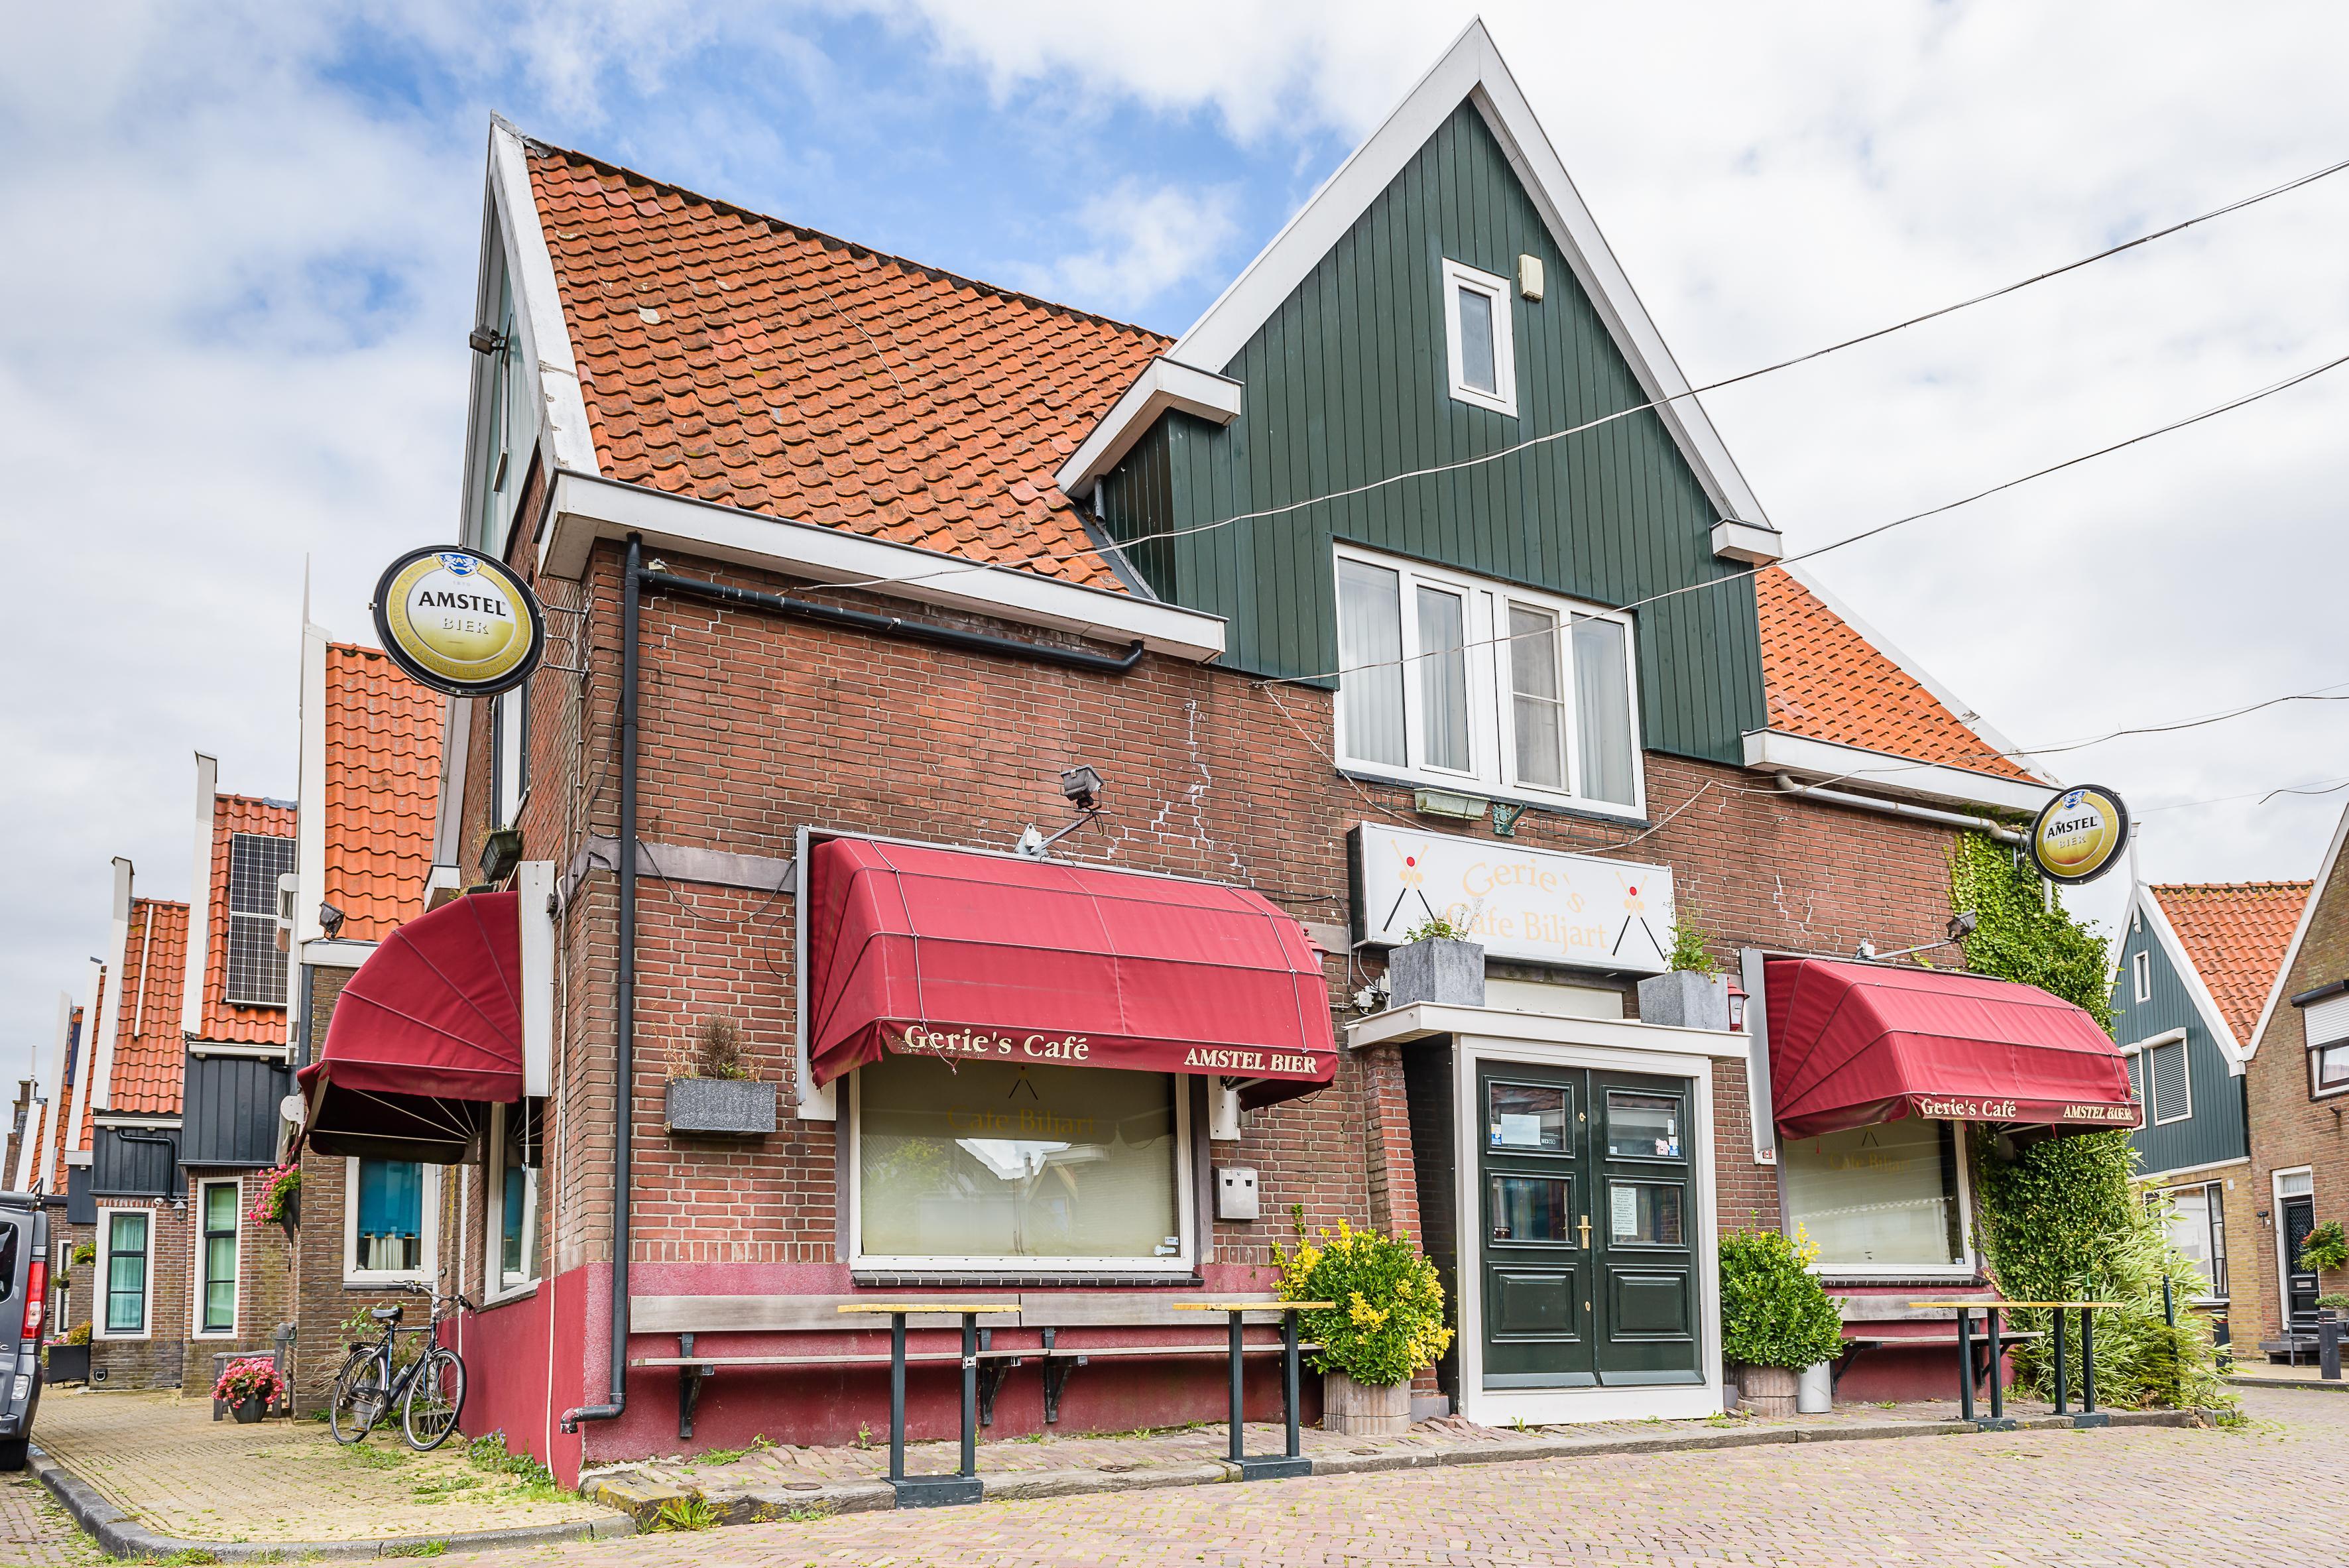 Reactie Gerie Azelmad op sluiting café in Volendam: 'We zijn door corona door onze reserves heen en lopen nu een zooitje geld mis. Dit is funest'